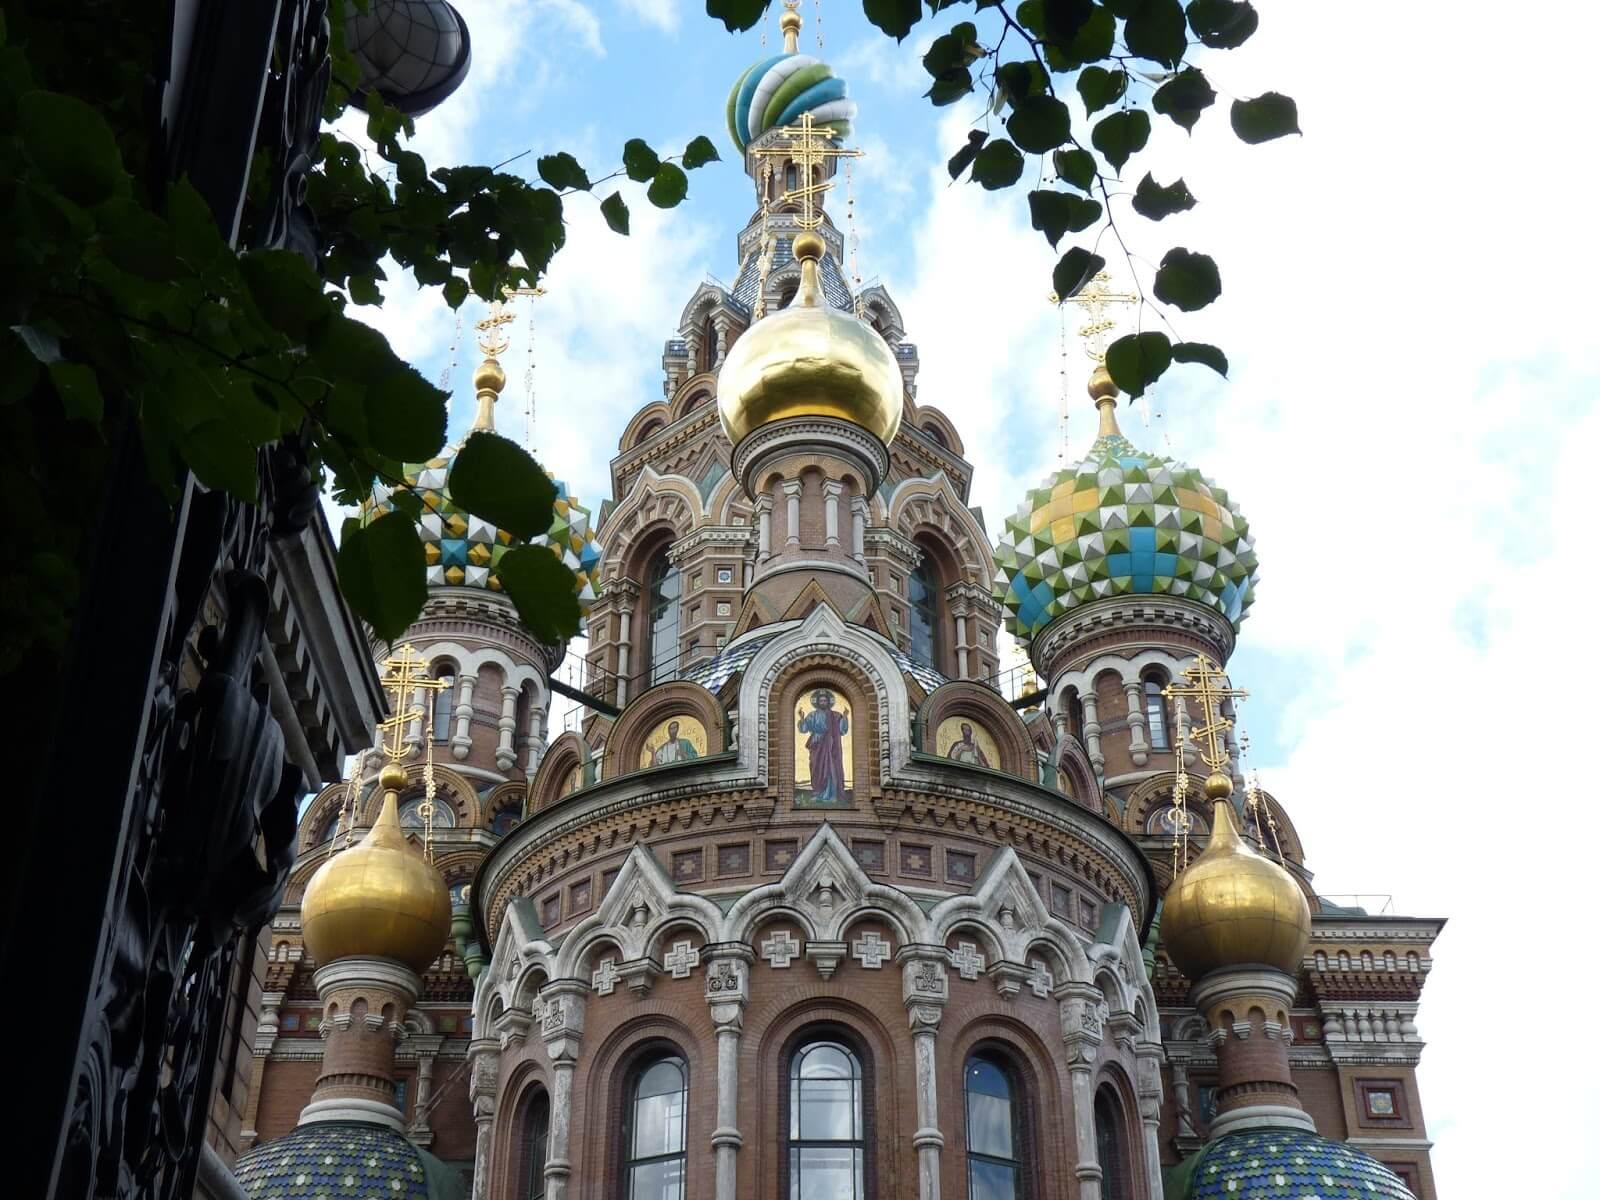 Catedral do Sangue Derramado lateral São Petersburgo Rússia Mundo Indefinido